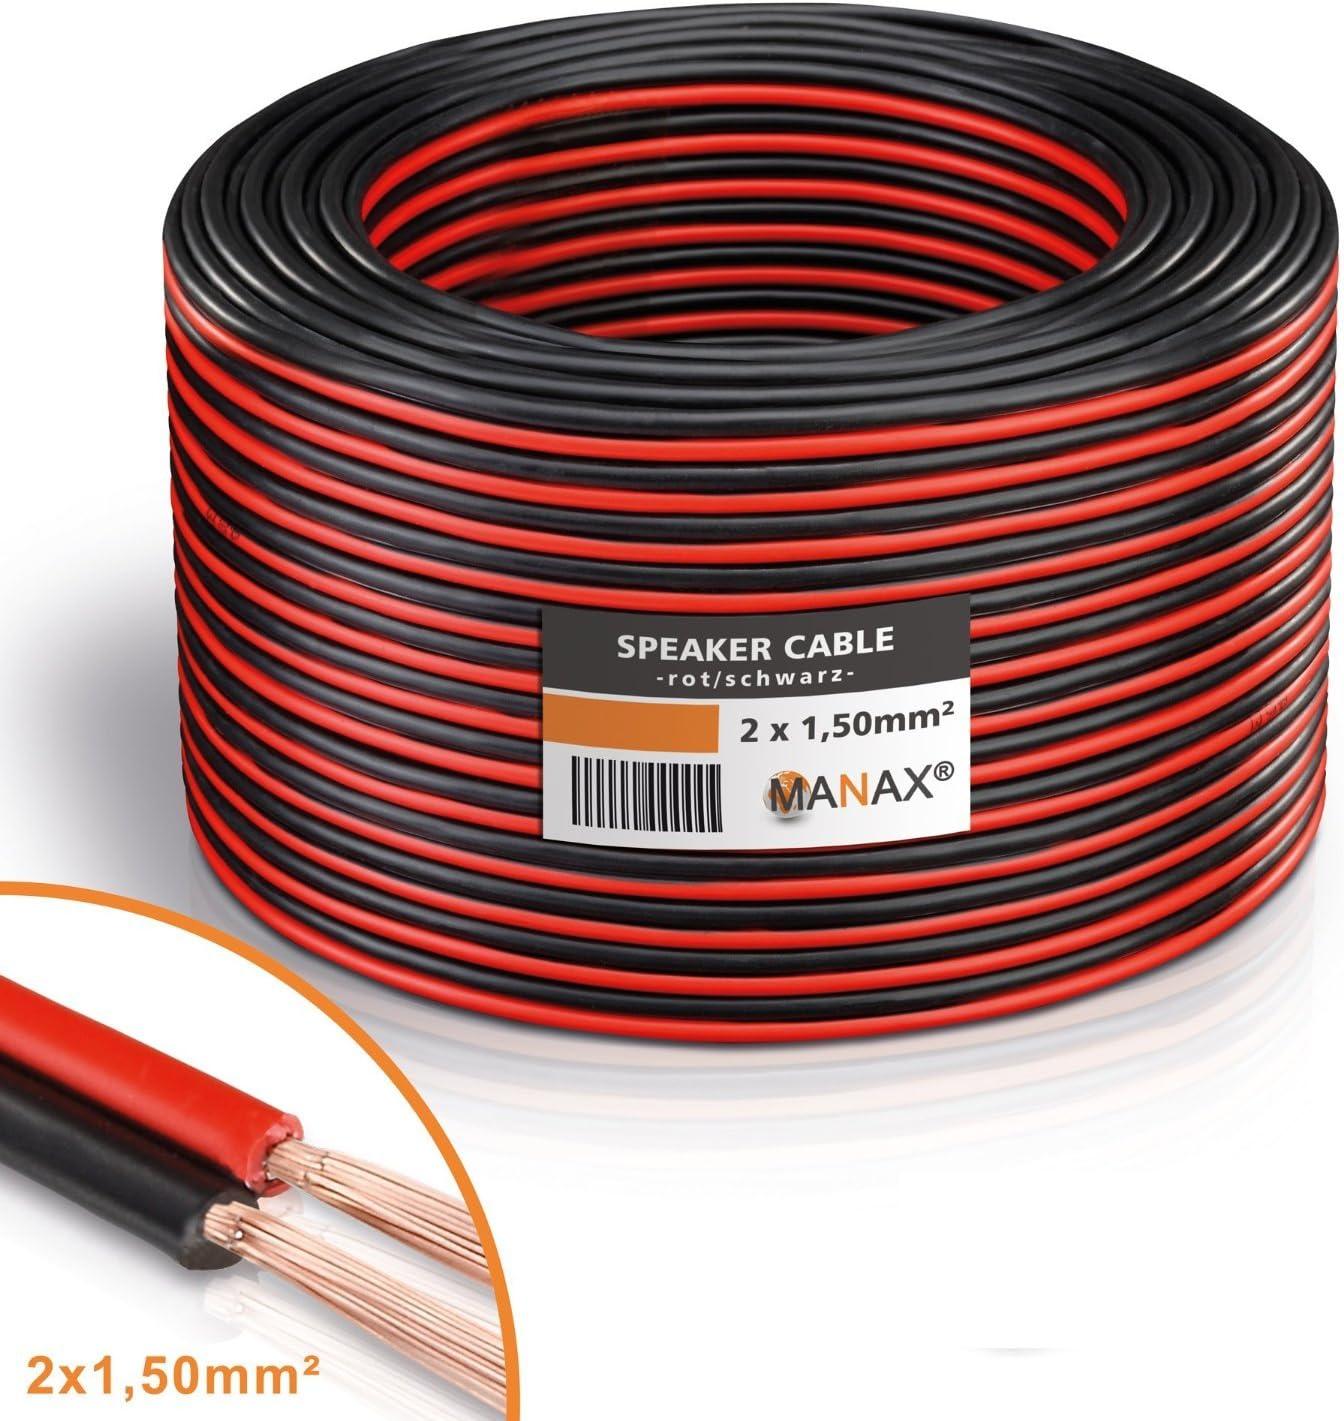 MANAX® cable del altavoz 2 x 1,50 mm² 30 m rojo/negro Anillo